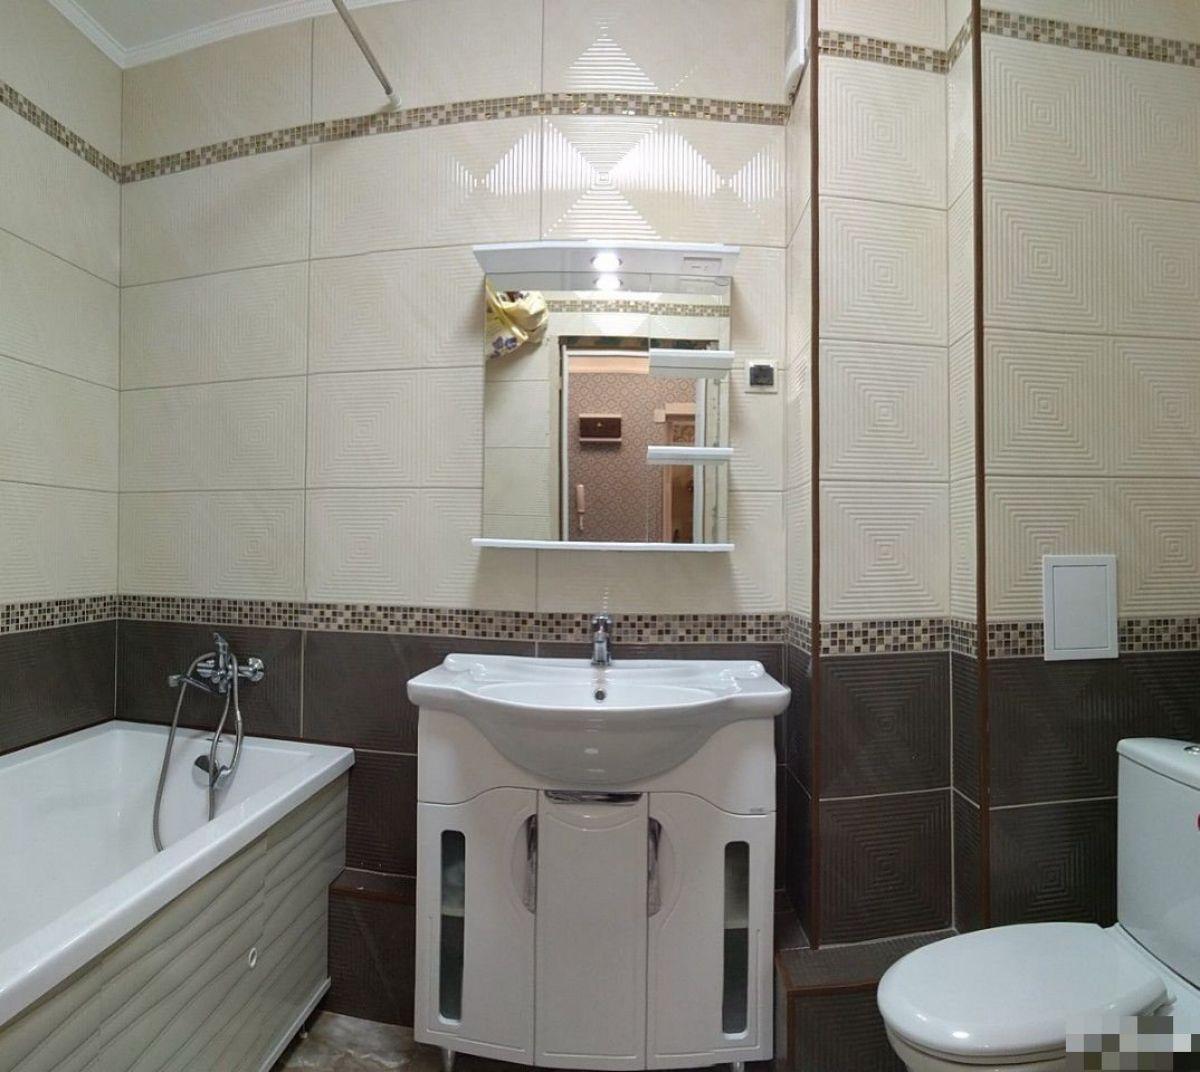 Квартира на продажу по адресу Россия, Калининградская область, Калининград, Коммунистическая ул, 41А